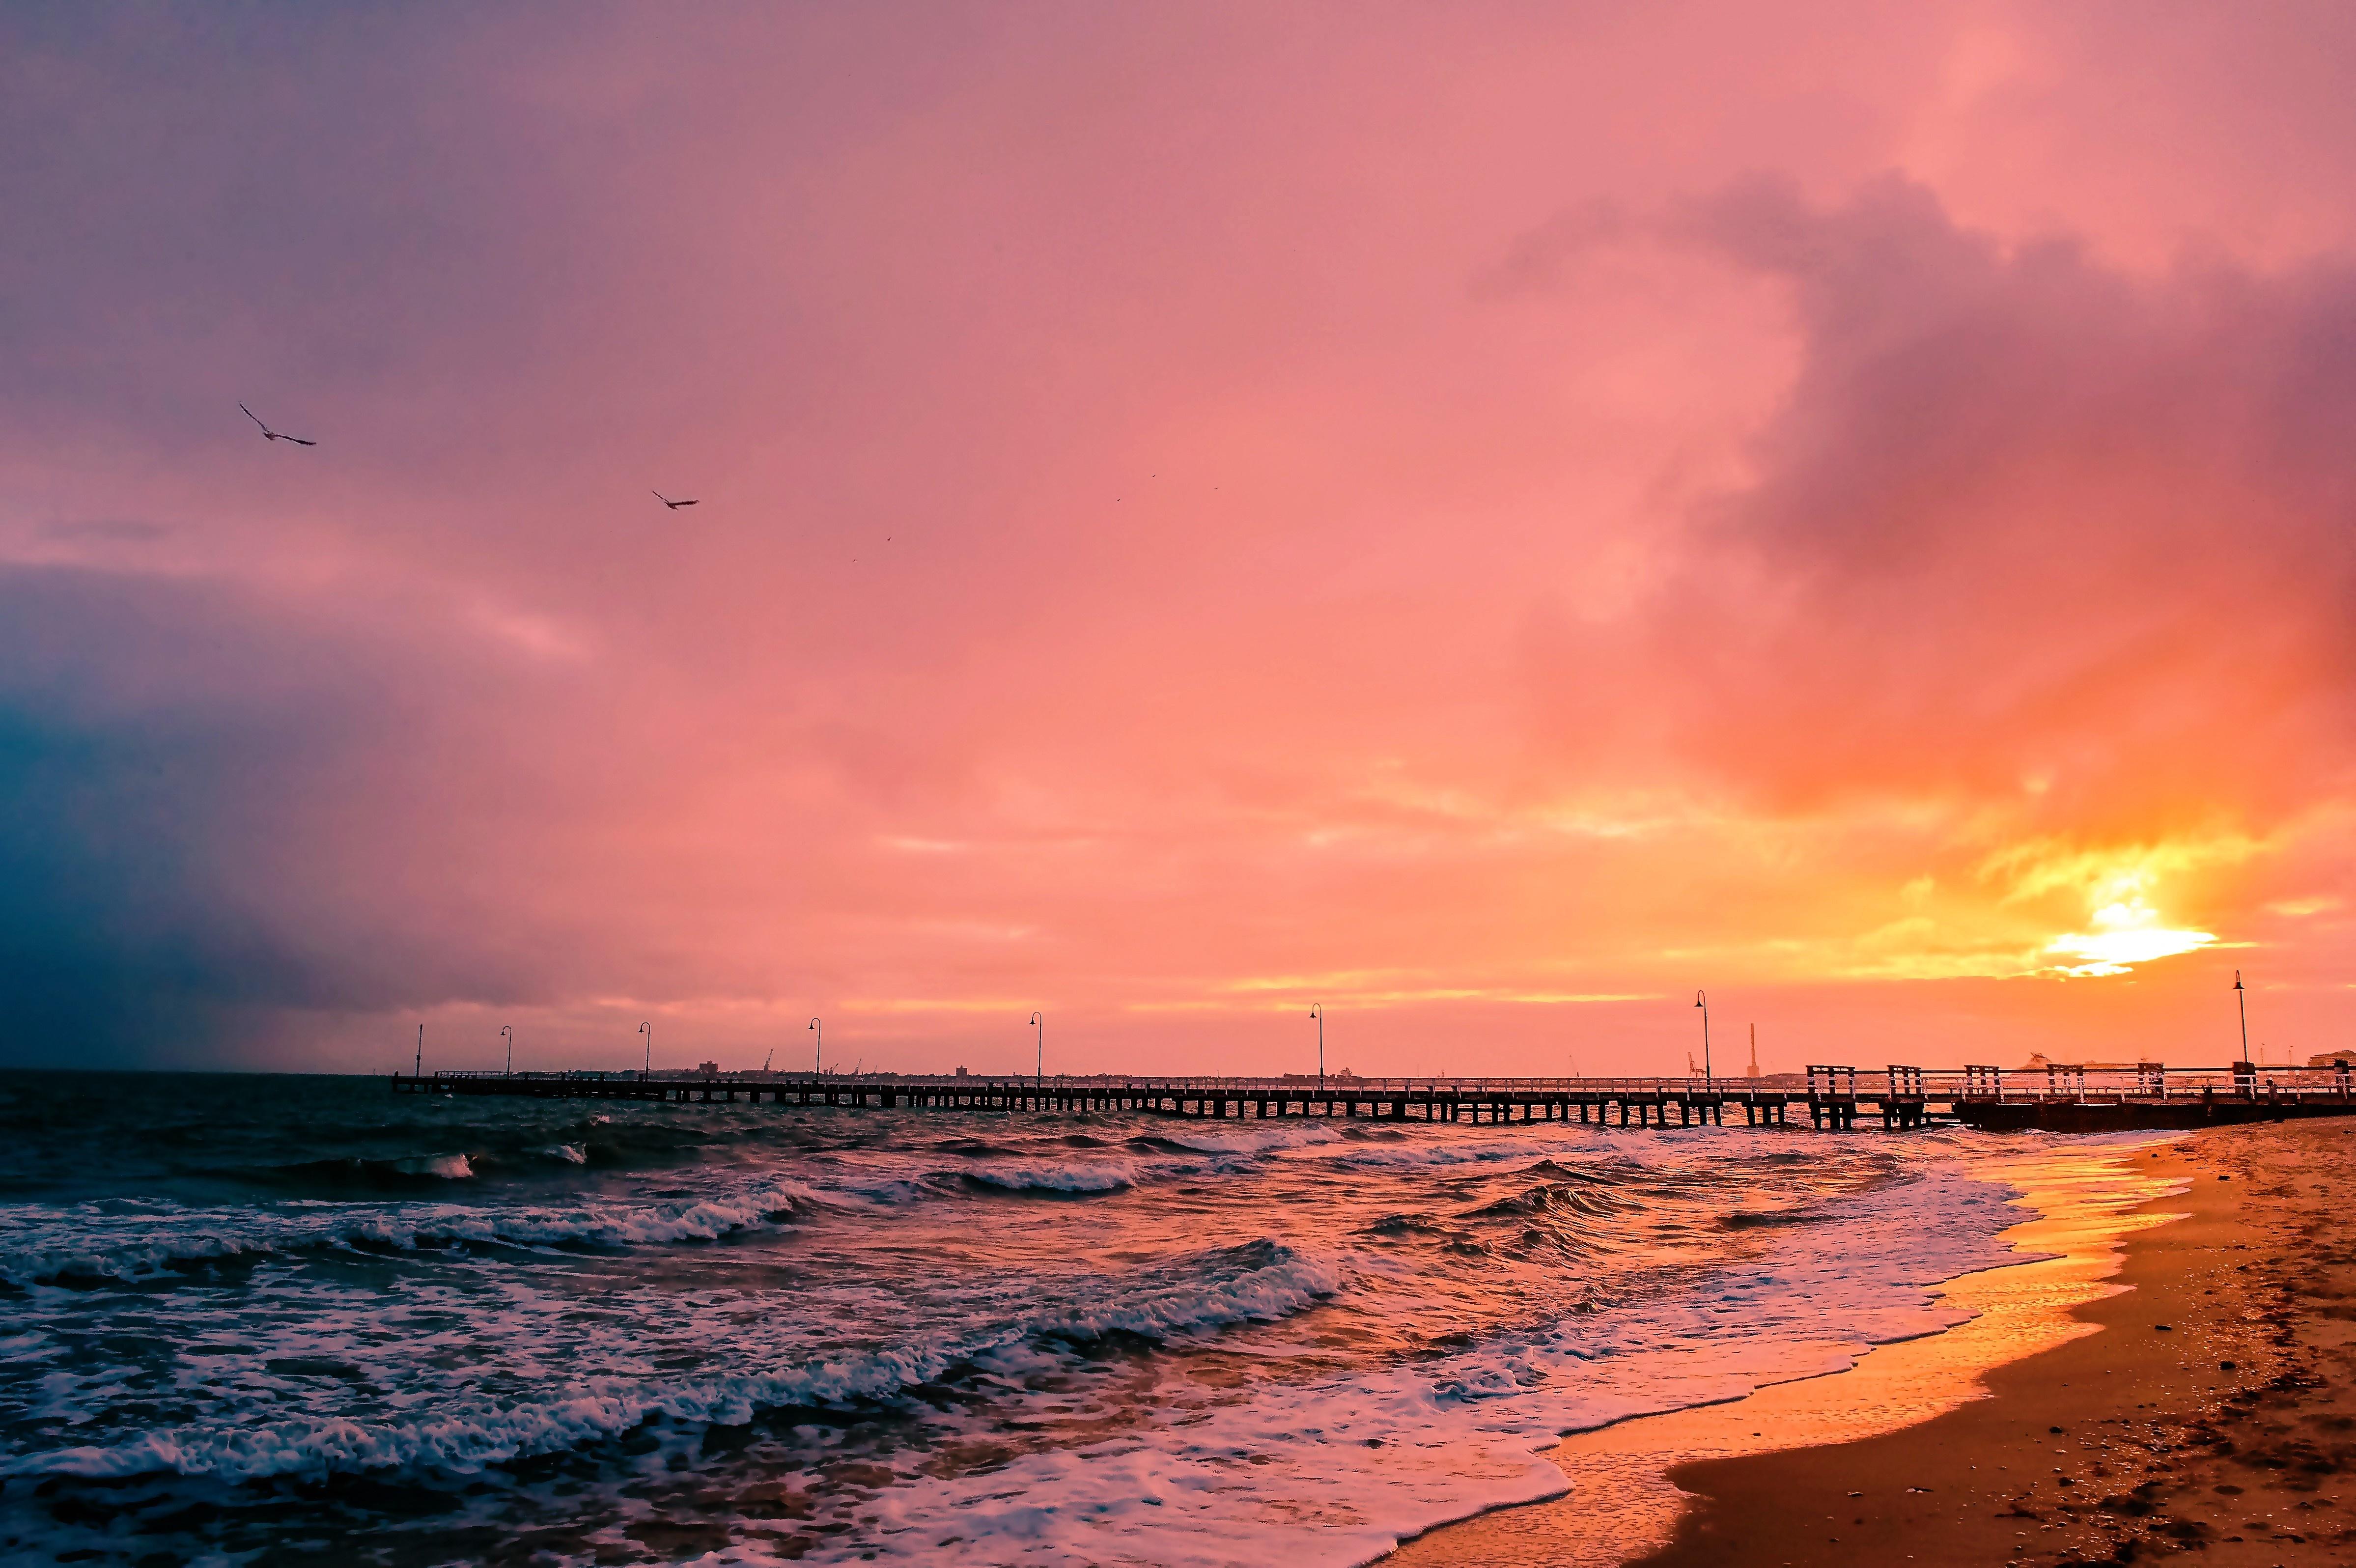 62609壁紙のダウンロード自然, 日没, 海, 橋脚, 埠頭, 風景-スクリーンセーバーと写真を無料で